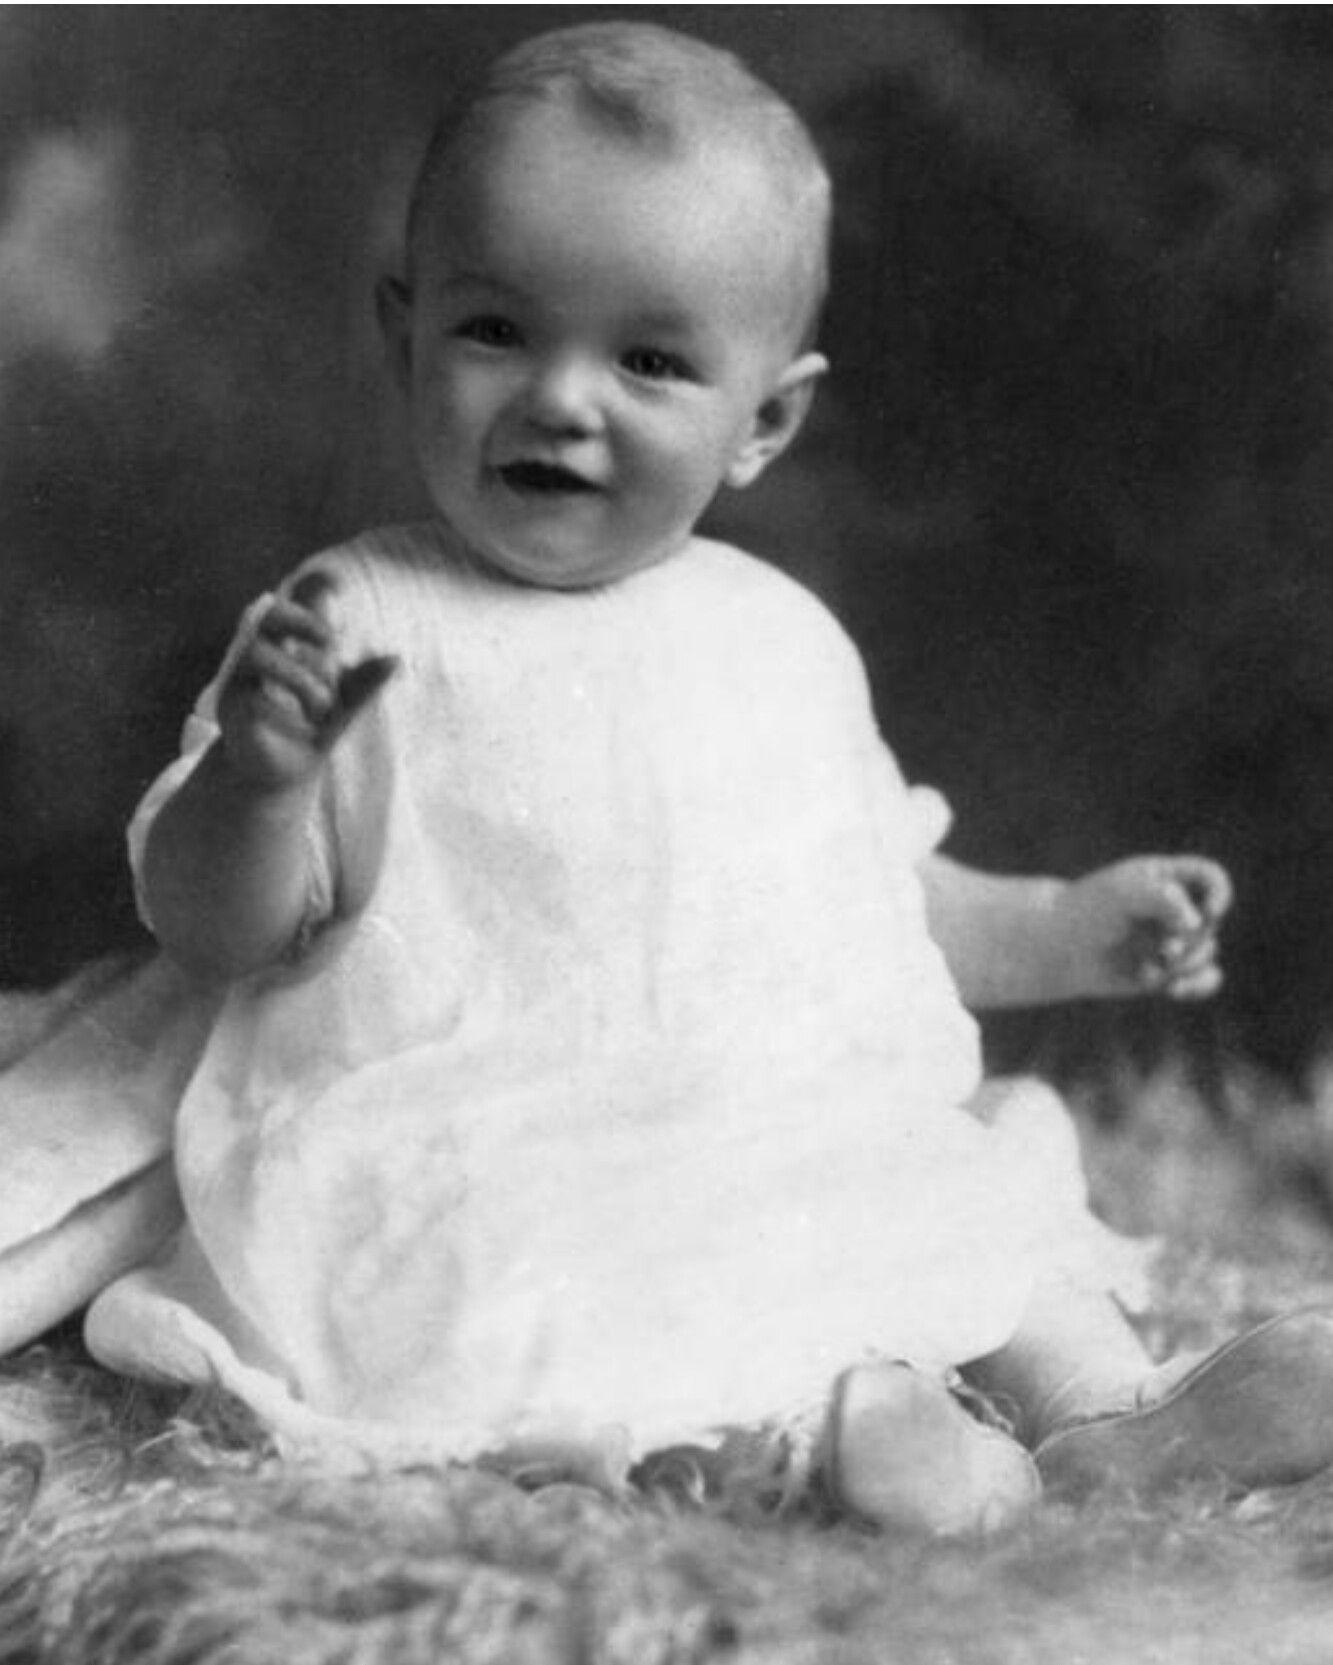 7 Marilyn Monroe bébé